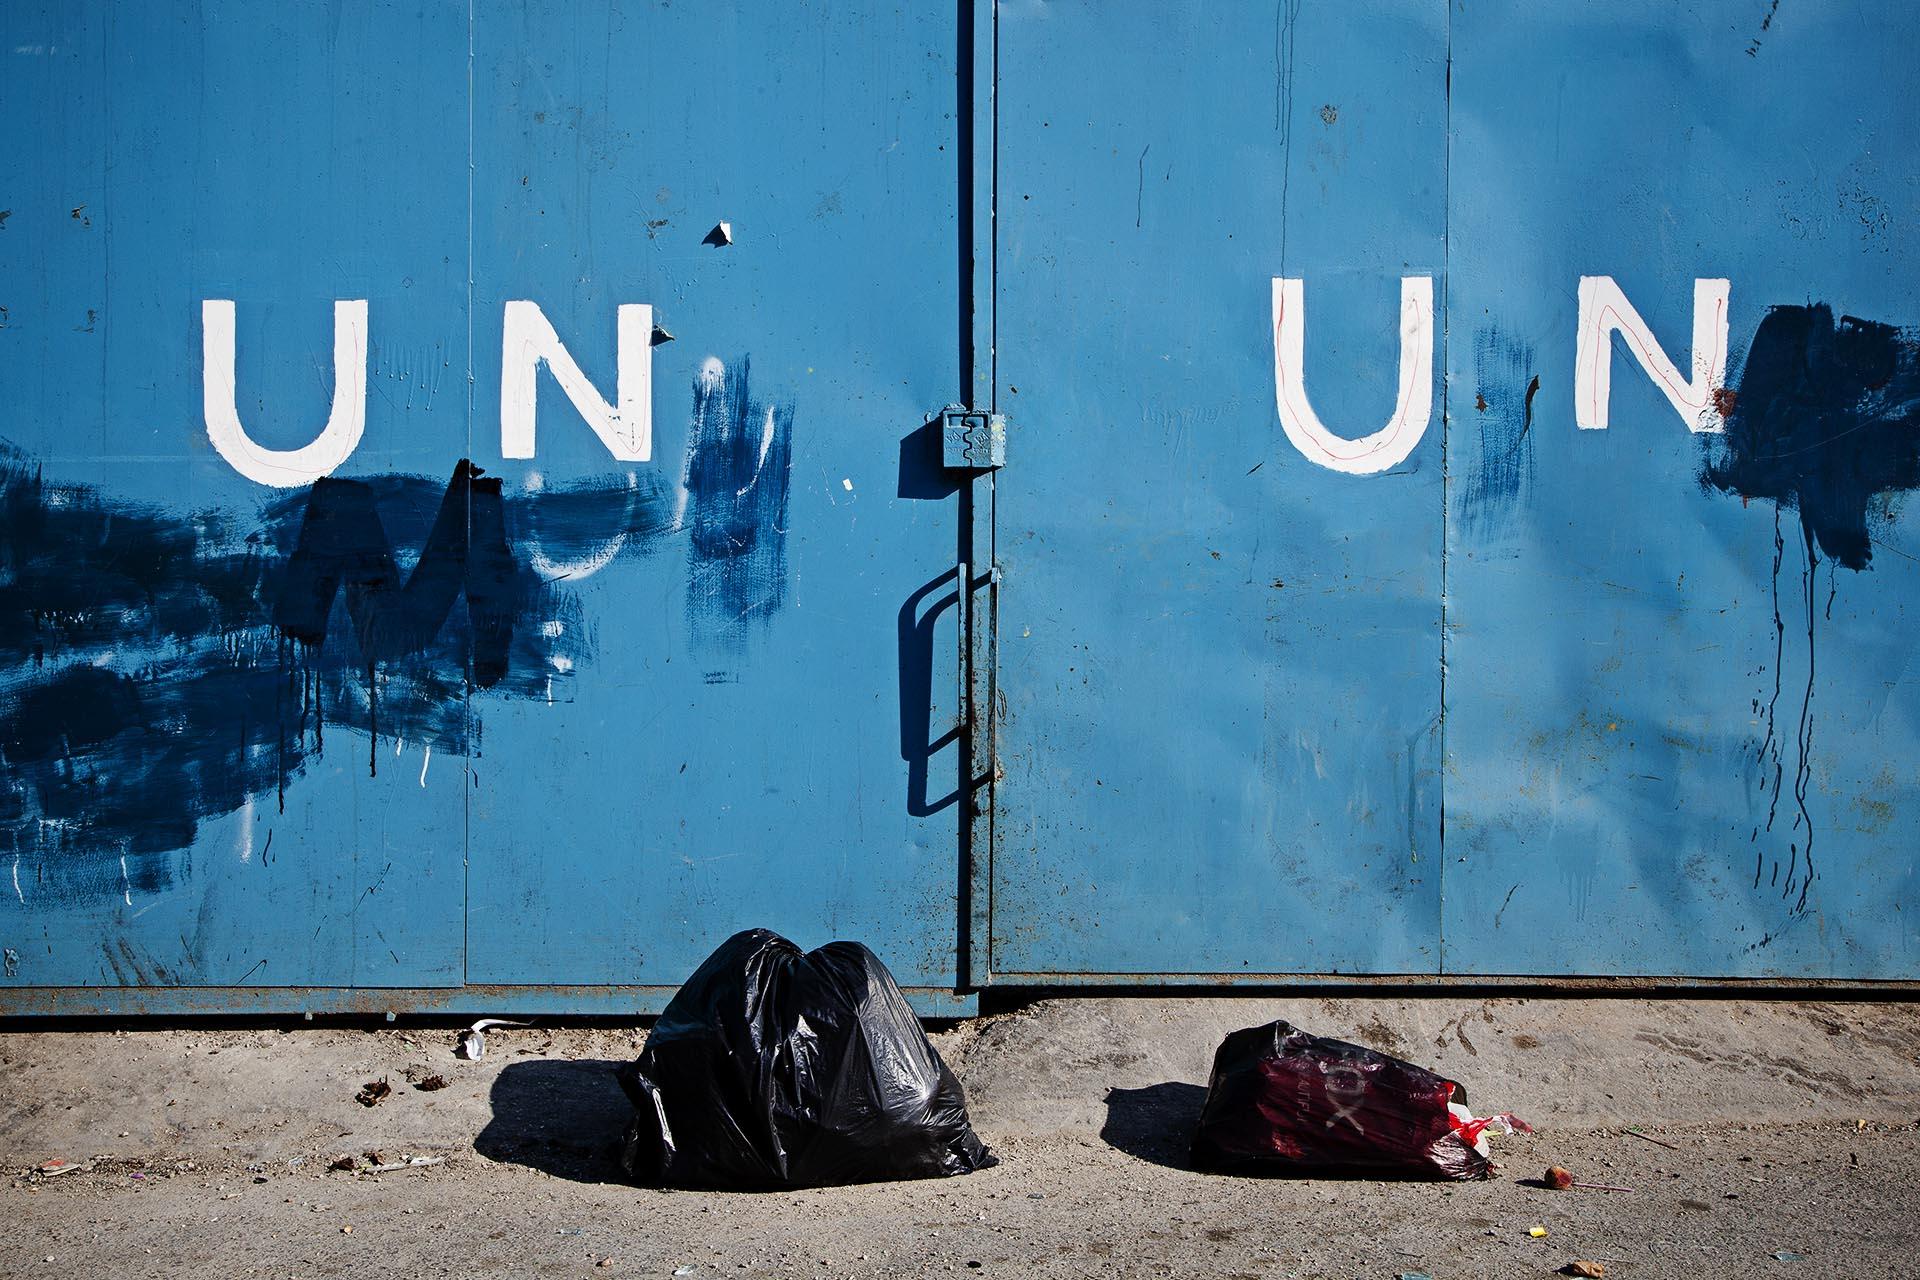 La ONU ha jugado un papel muy importante, para bien y para mal, desde los orígenes del conflicto hasta hoy